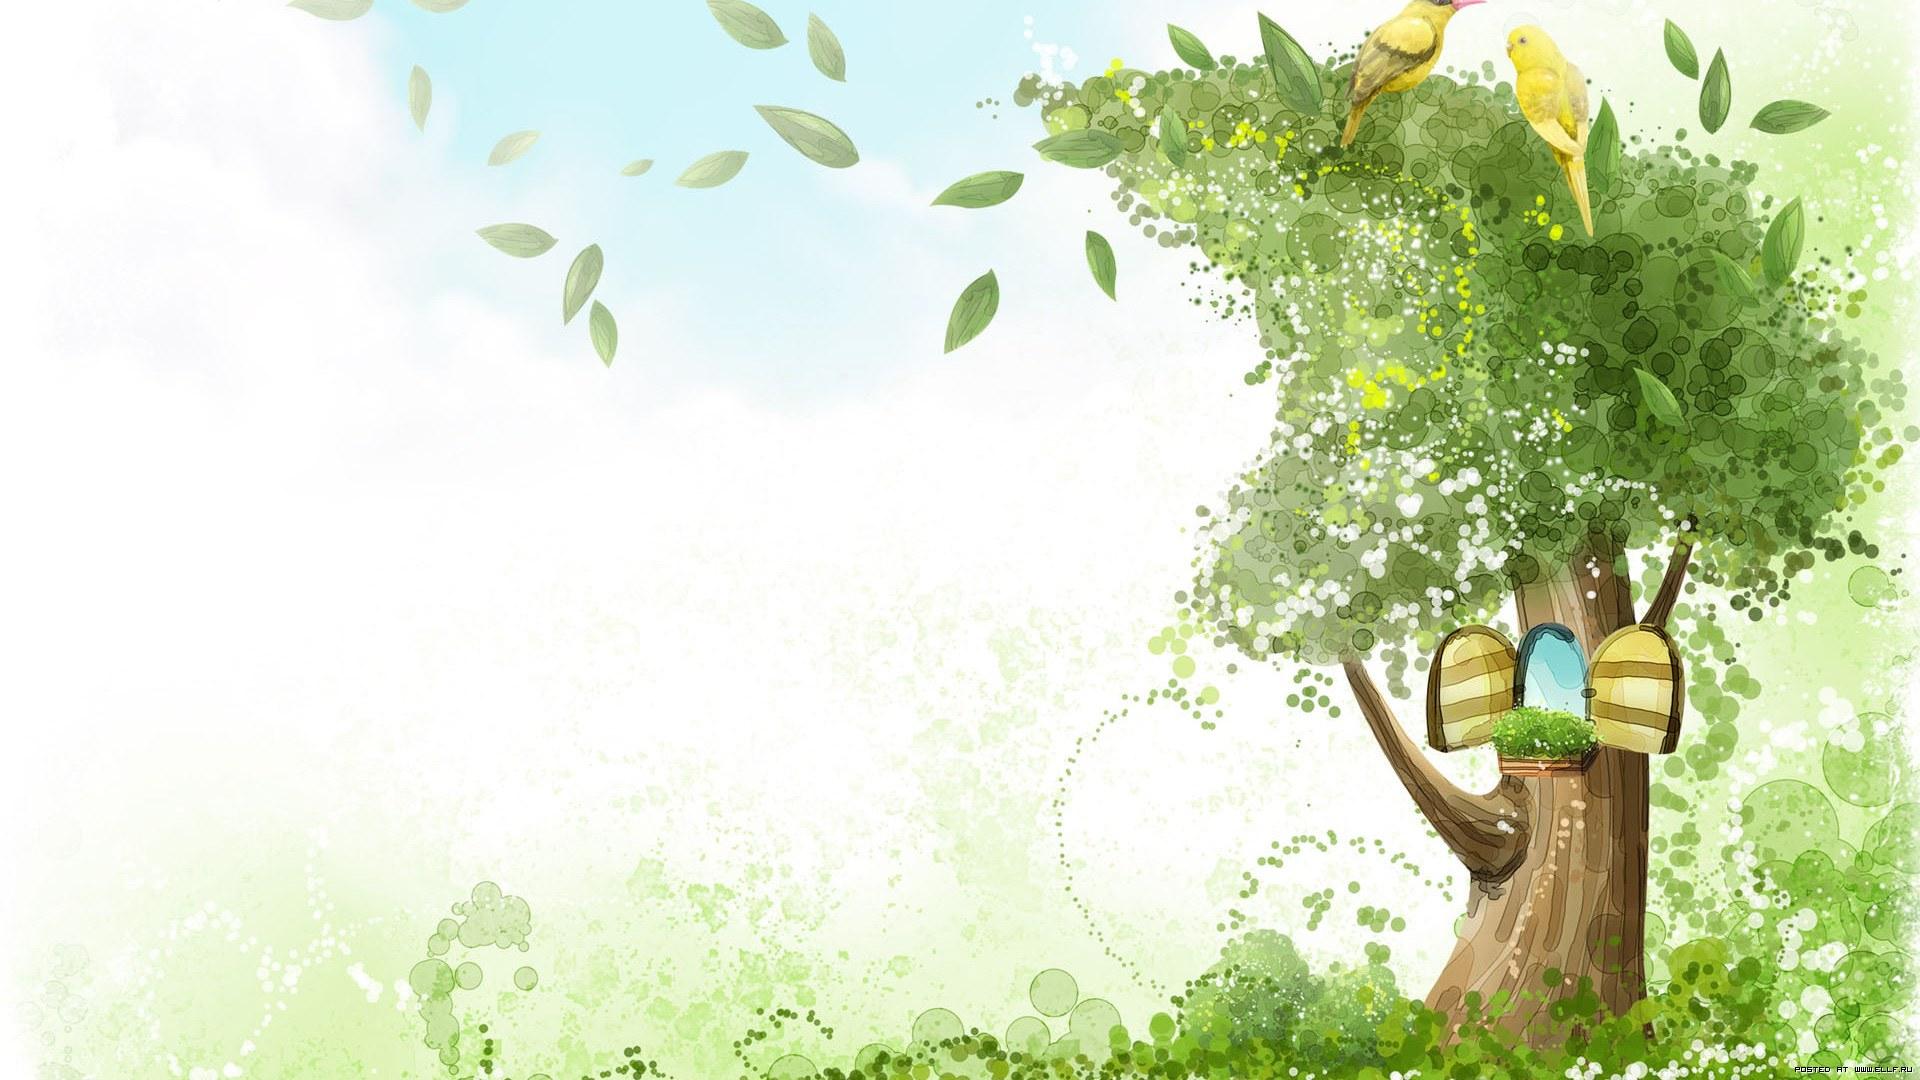 Рендеринг рисунок, дерево, птицы, попугаи, дупло, створки, ветер